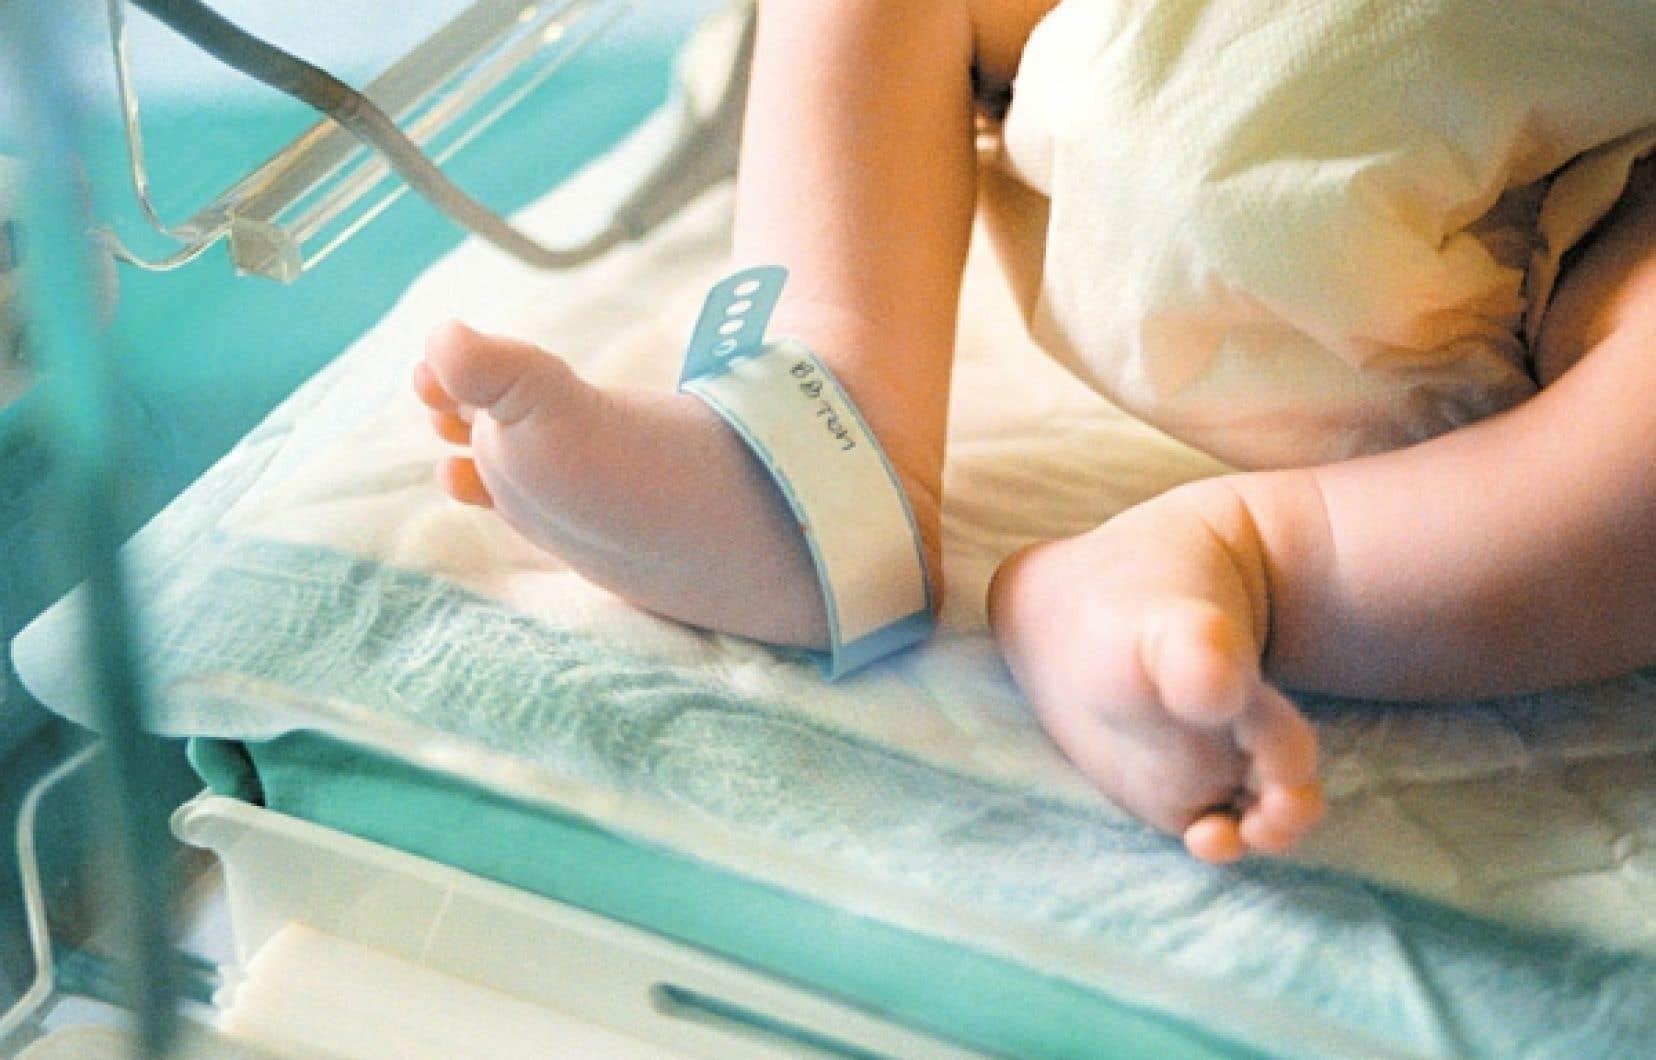 On prélève déjà une goutte de sang sur le talon des nouveau-nés pour le dépistage de diverses maladies, comme l'hypothyroïdie congénitale. Avec une autre goutte, on pourrait procéder au dépistage de la fibrose kystique.